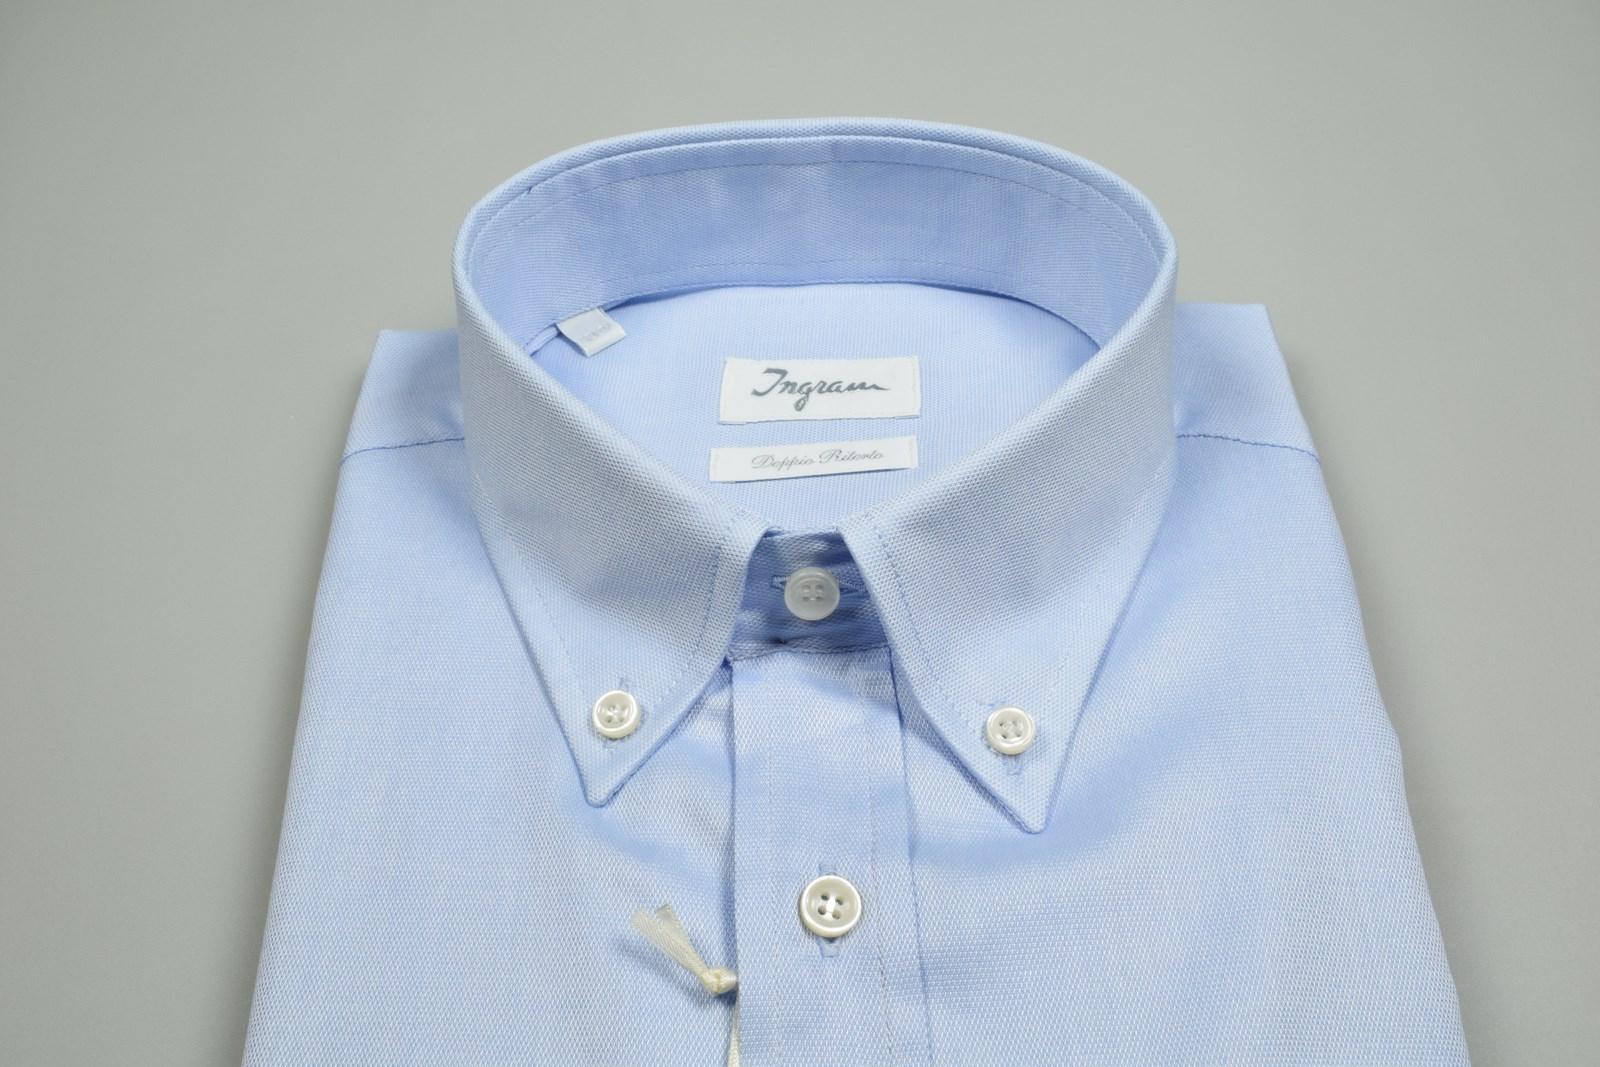 06f34b51a7 Camicie Ingram shop online abbigliamento maschile stile italiano ...